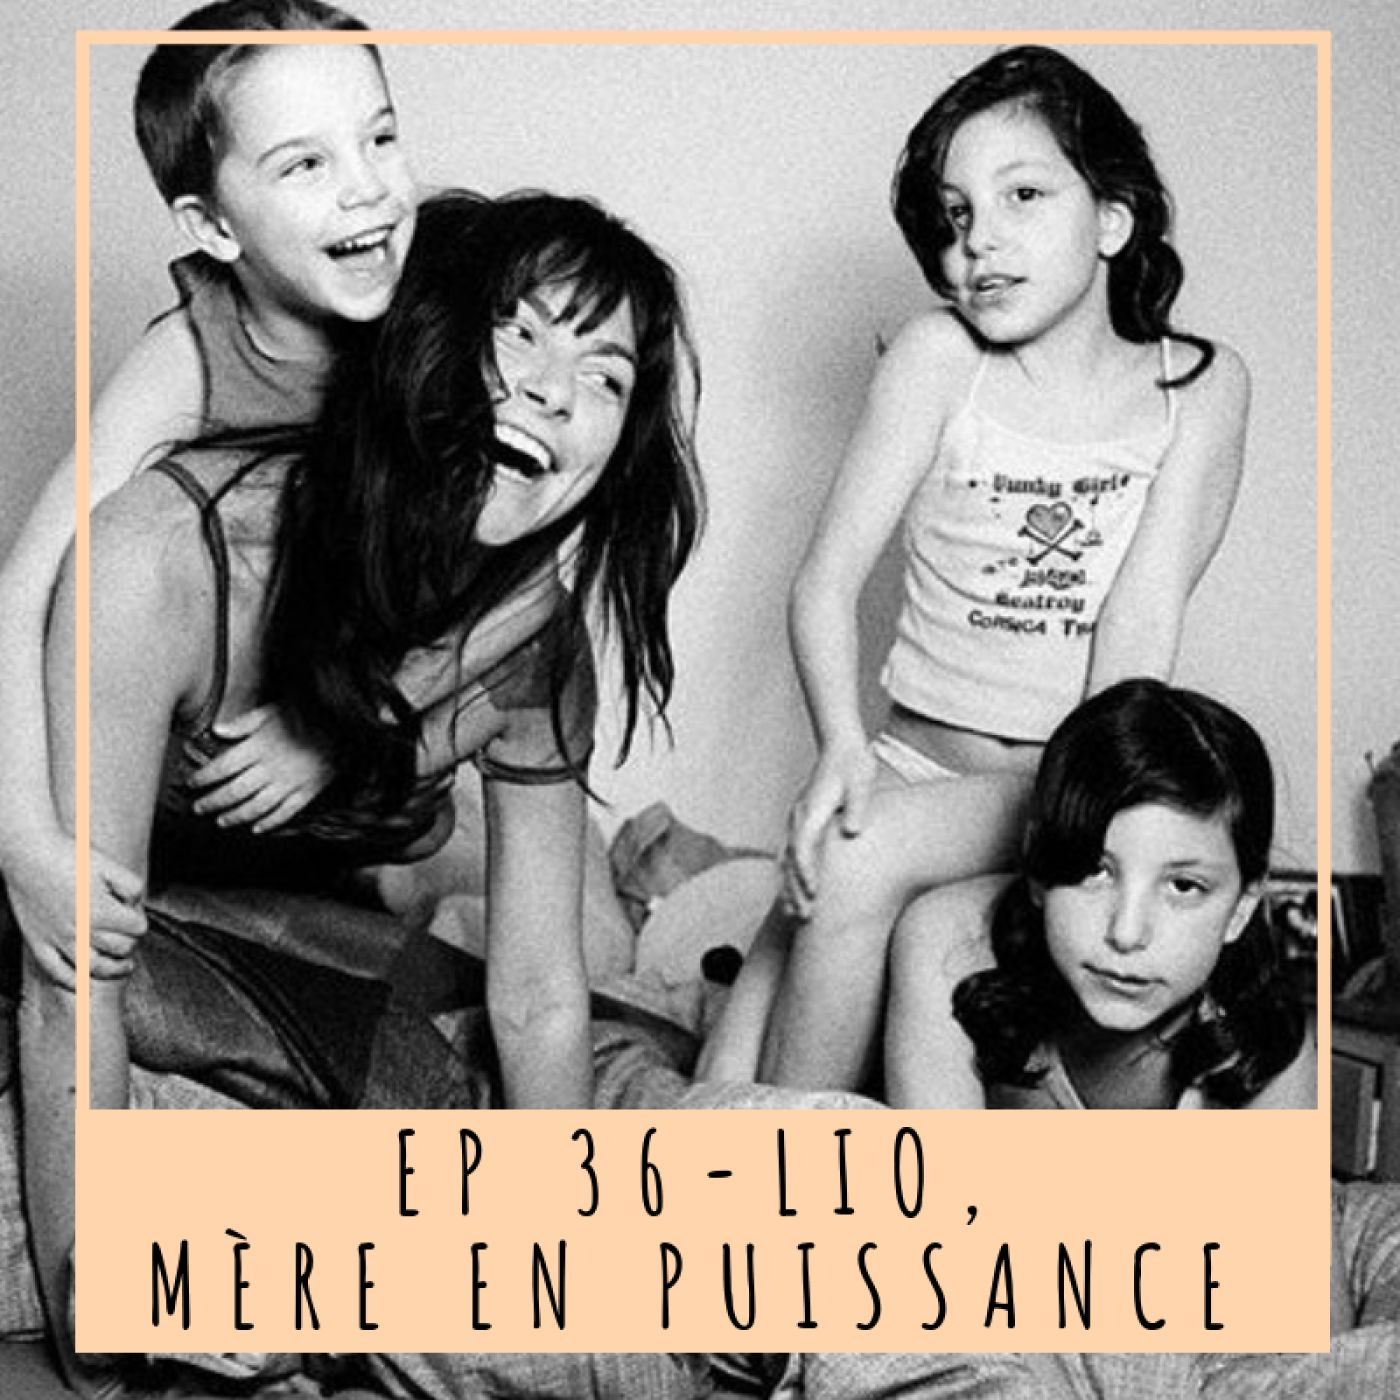 EP 36 - LIO, MÈRE EN PUISSANCE